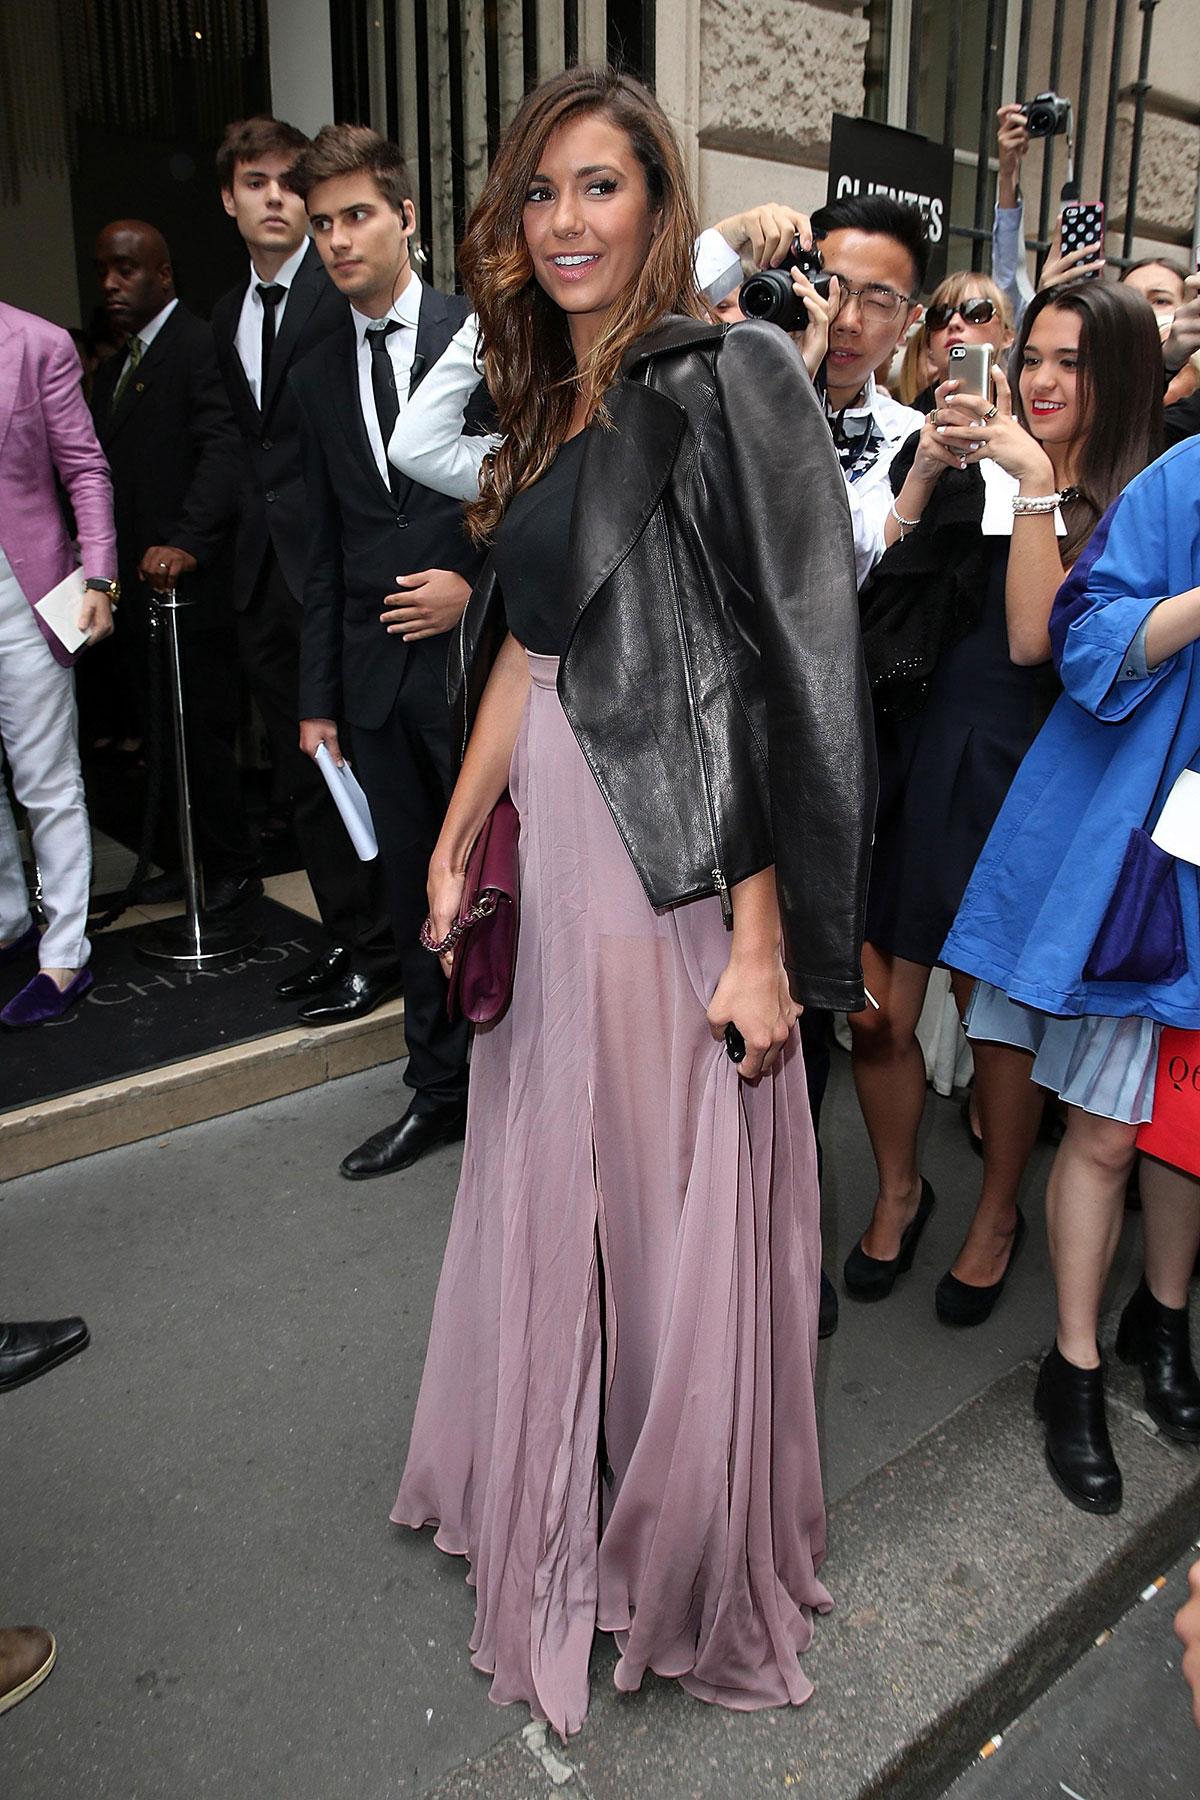 Nina Dobrev attends Elie Saab show